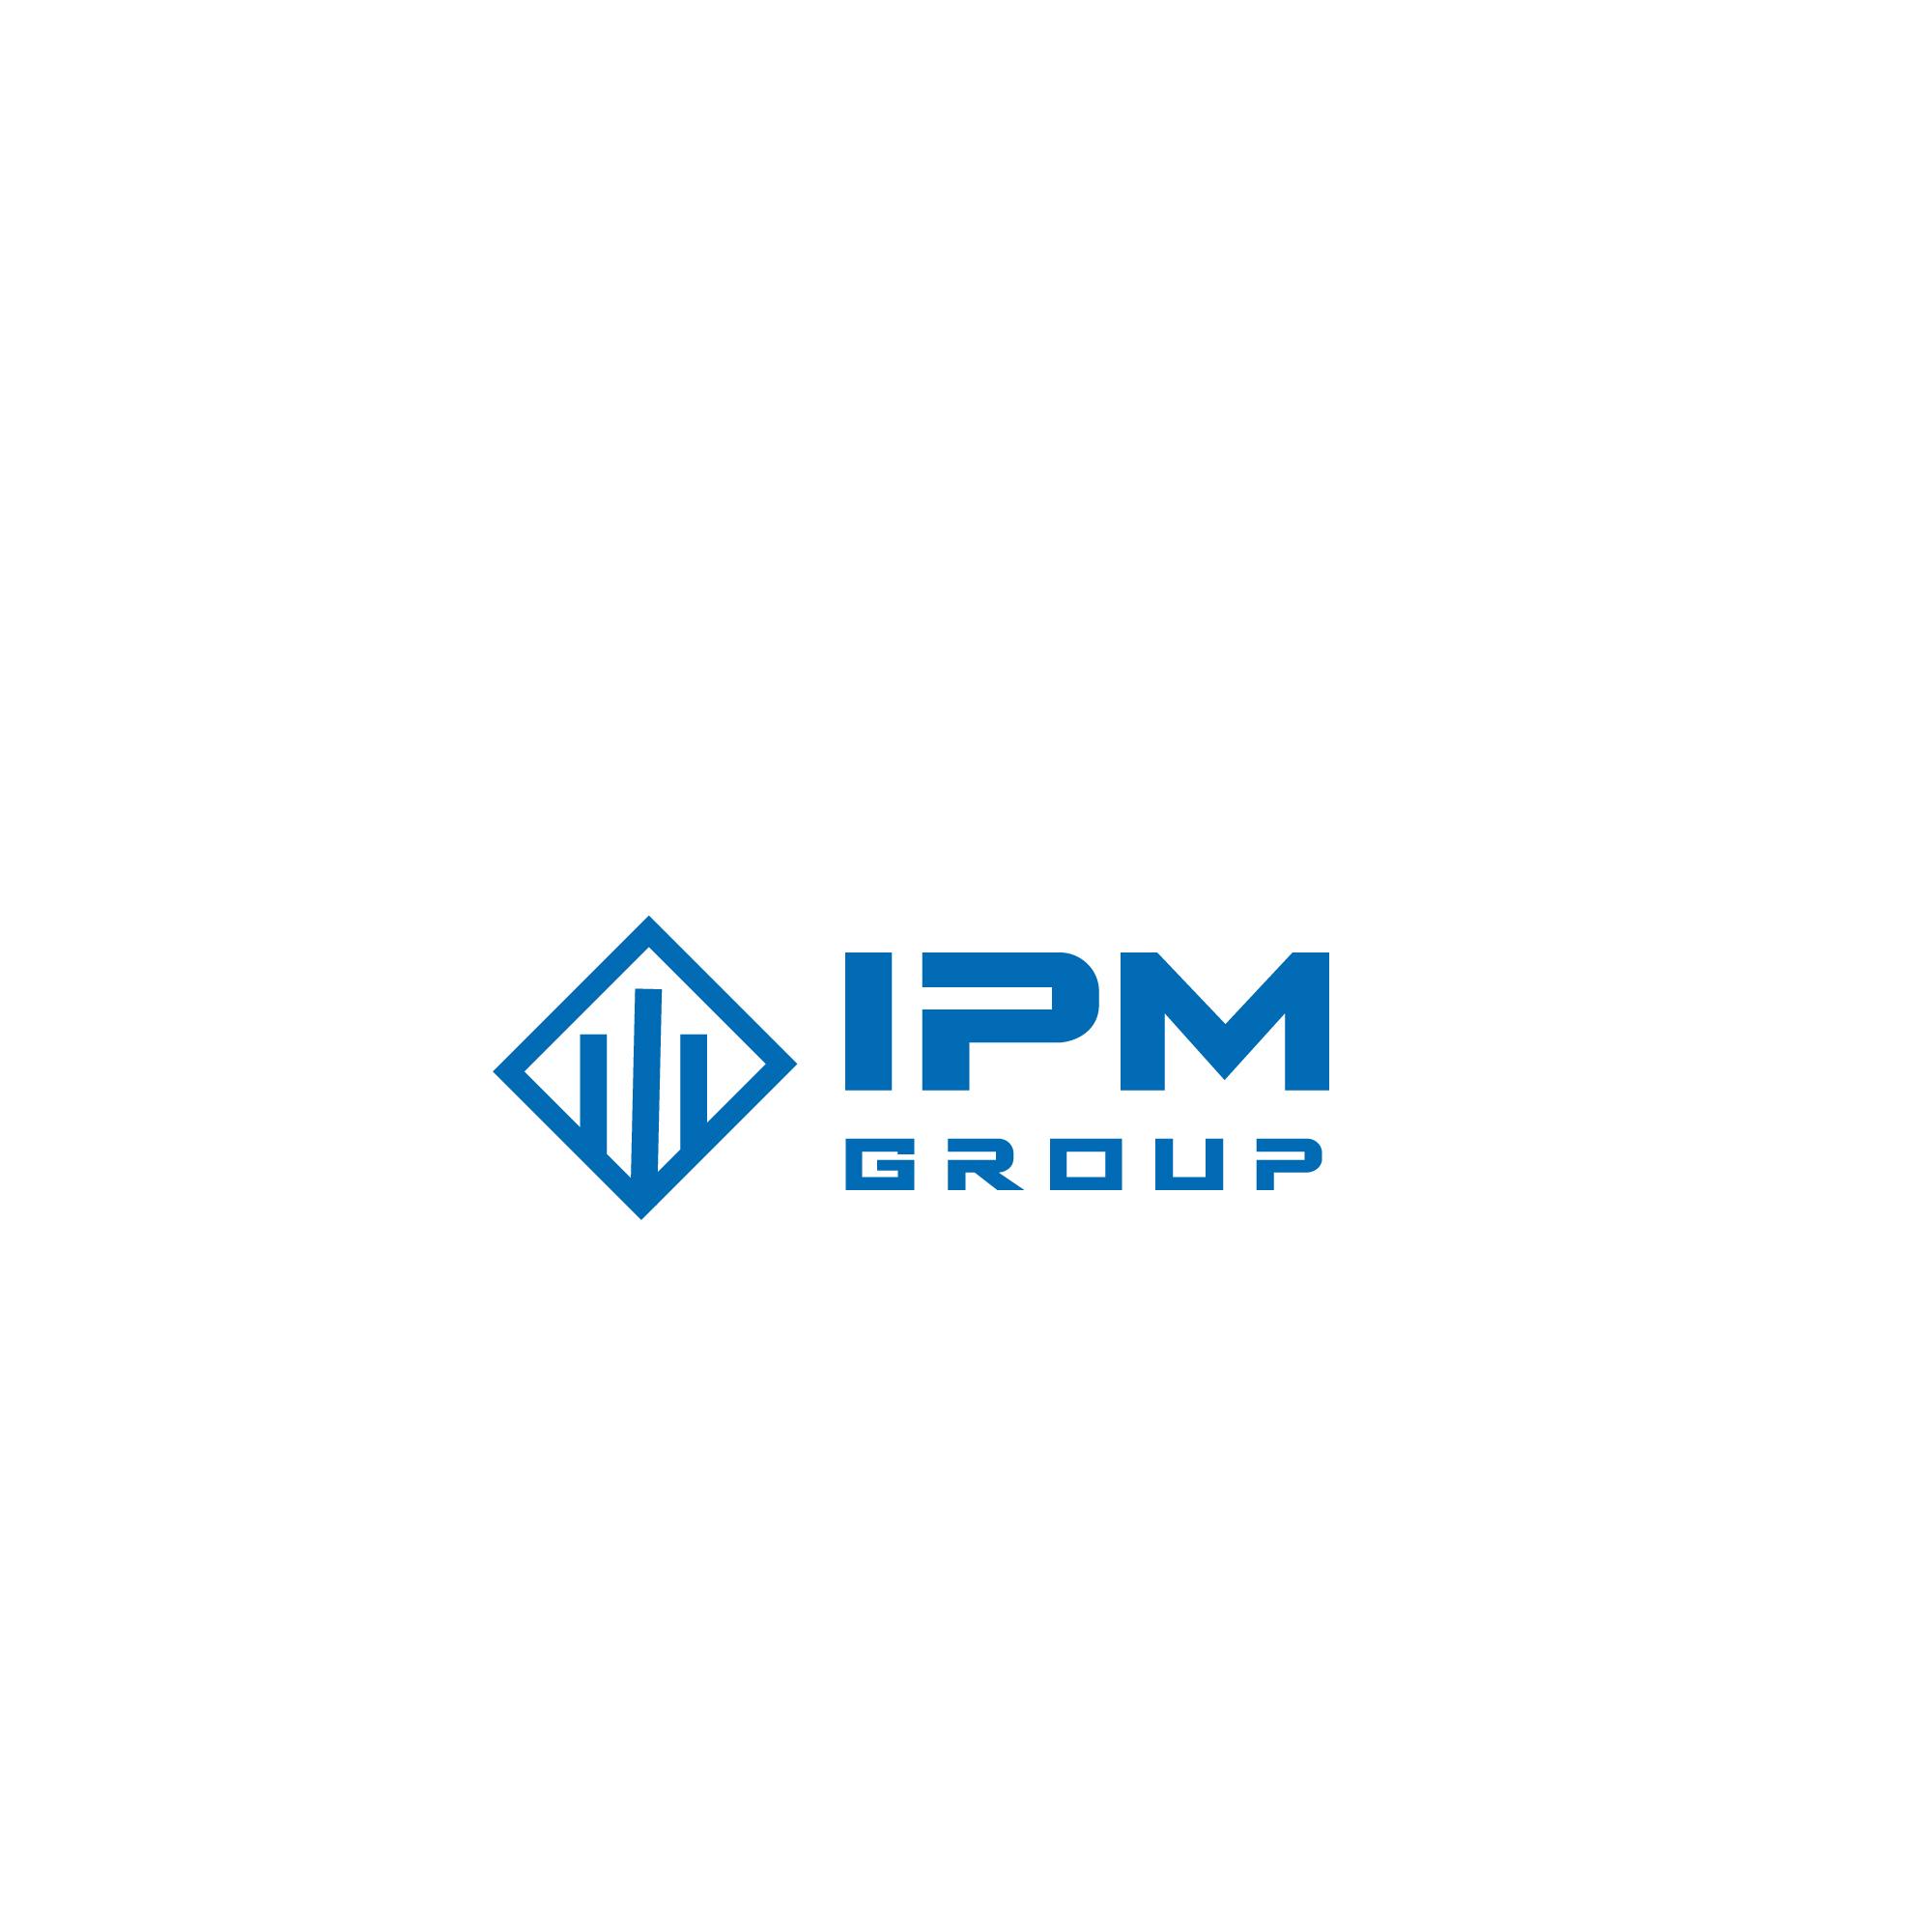 Разработка логотипа для управляющей компании фото f_1085f85f8f7e52e4.jpg